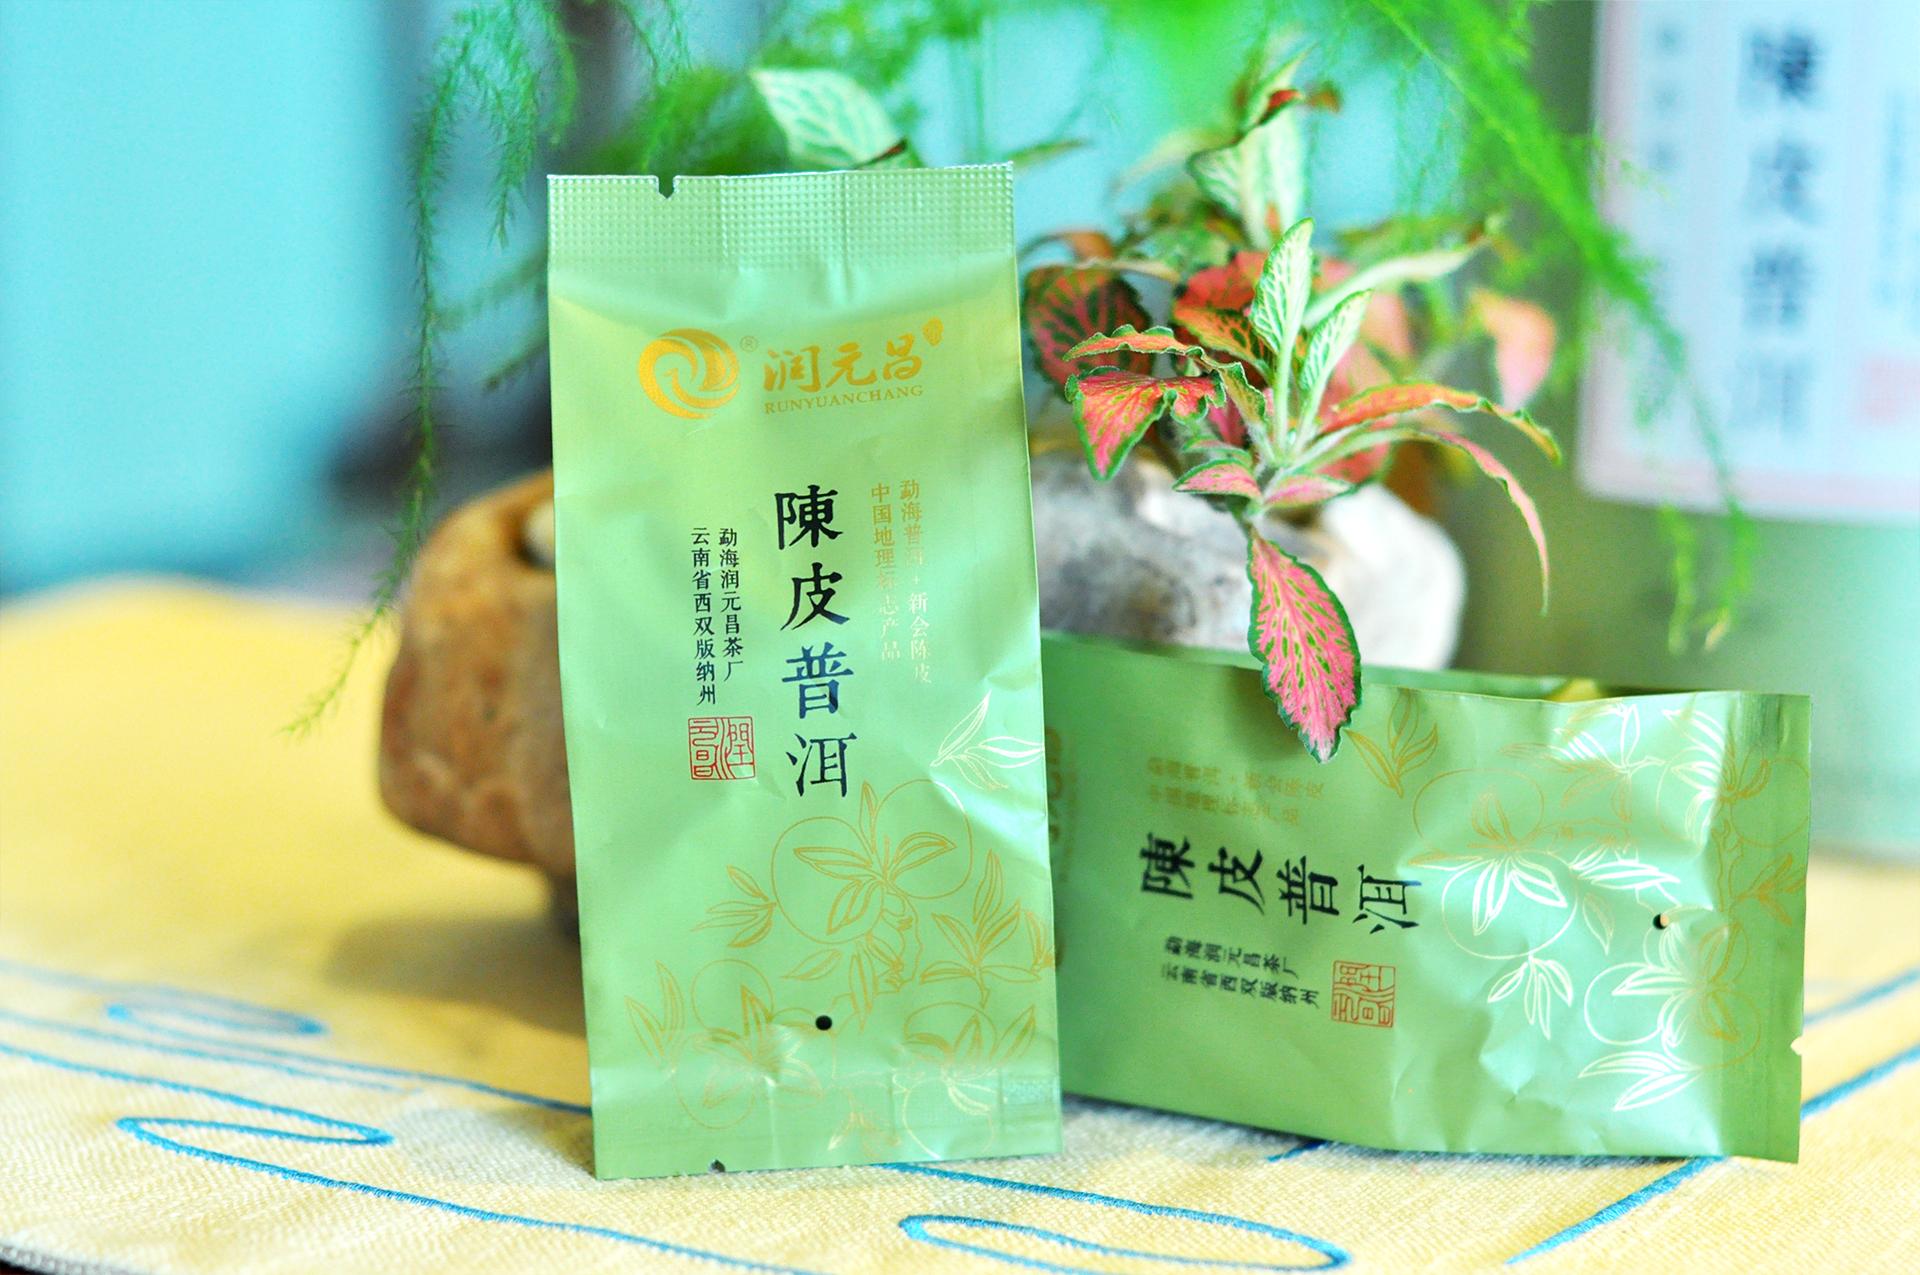 润元昌2016陈皮普洱-250克小青柑绿色版8